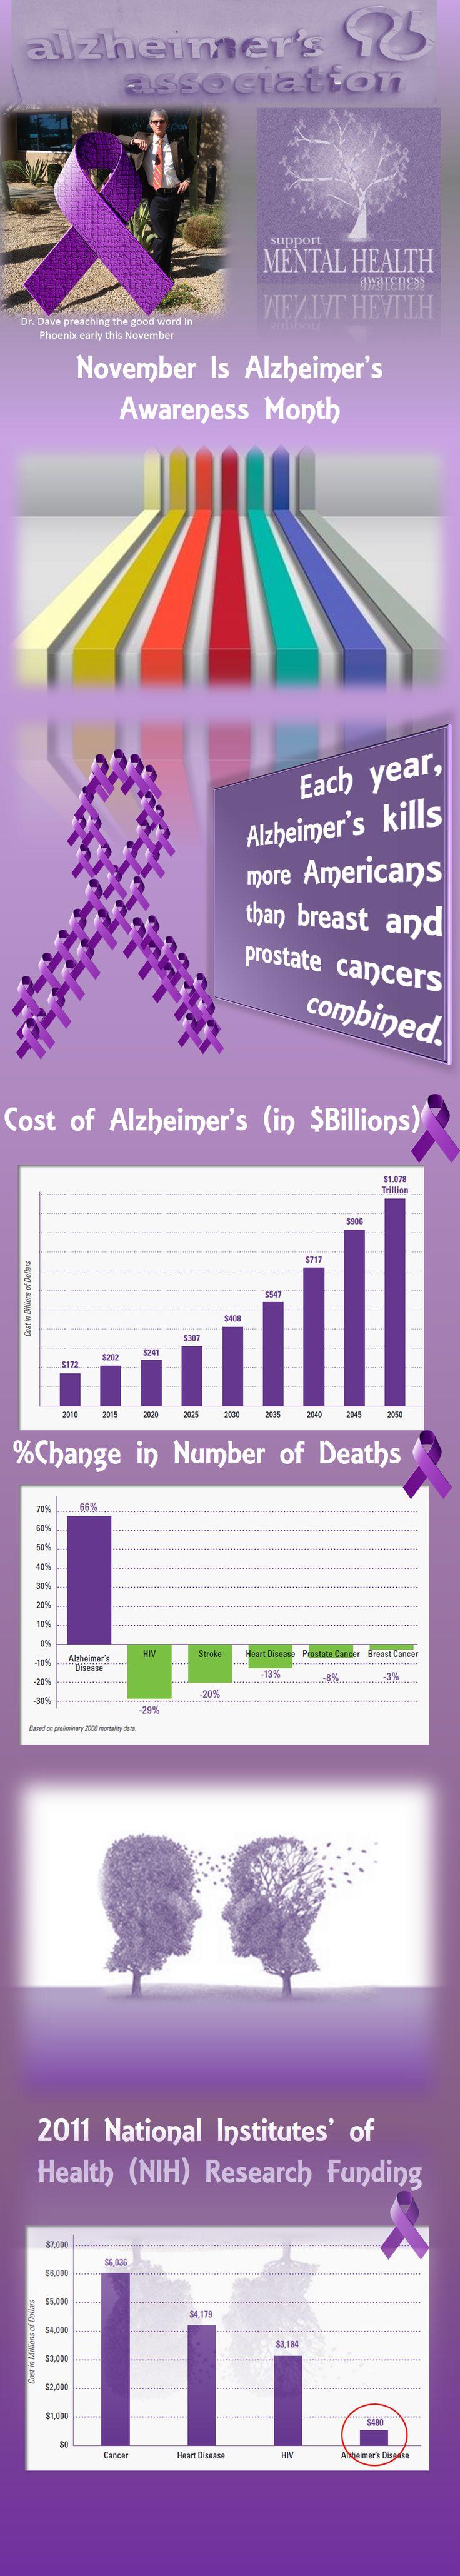 November is #Alzheimer's Awareness Month